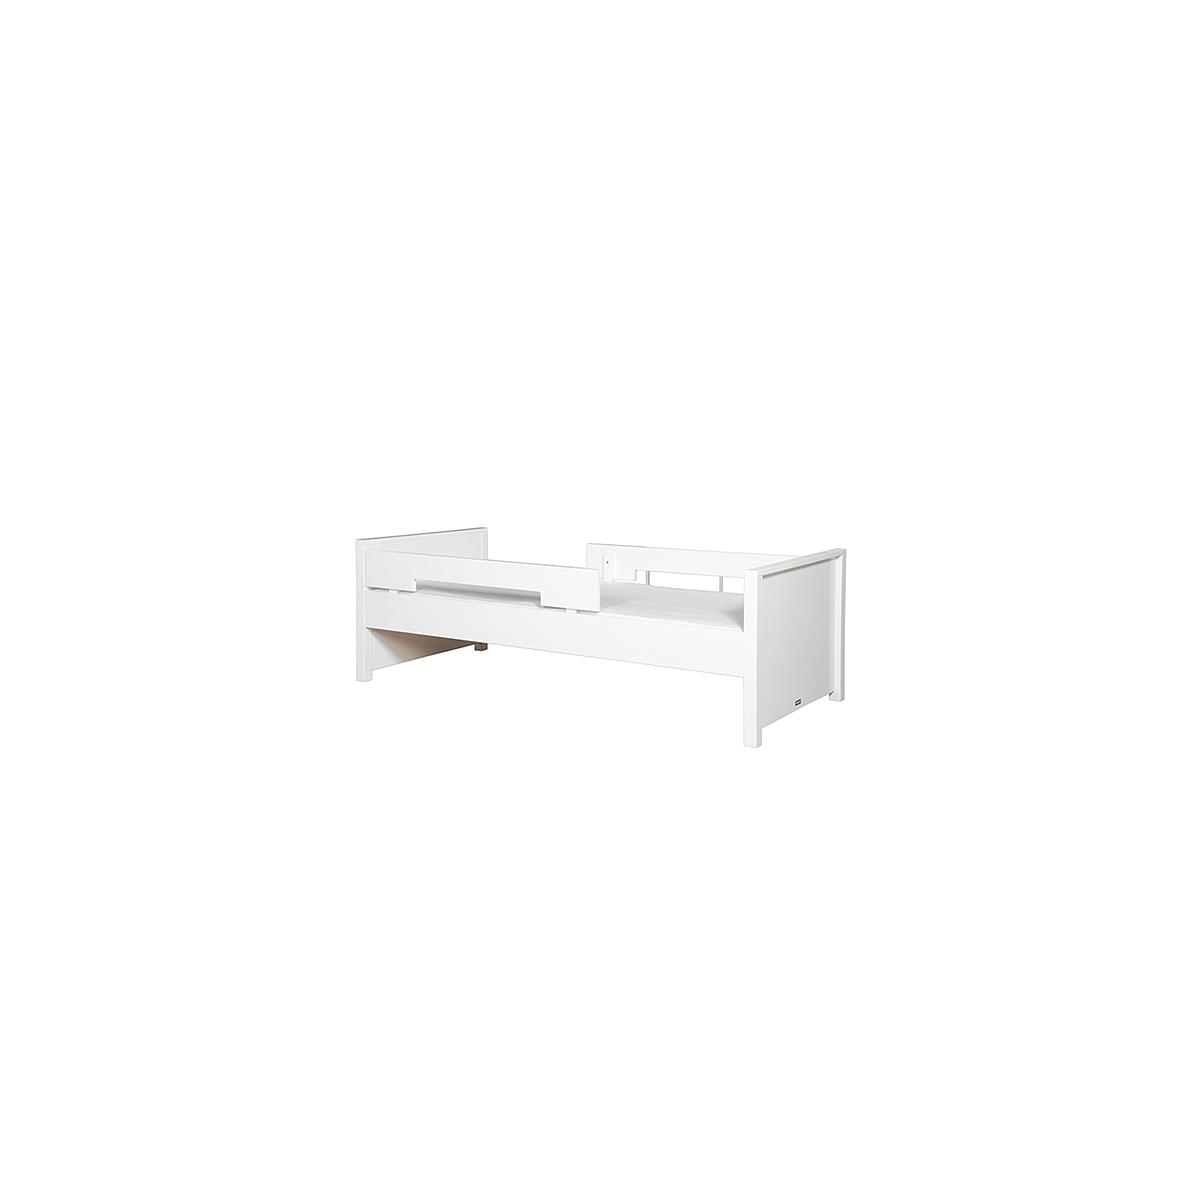 MIX & MATCH by Bopita JONNE Lit enfant 90x200 cm blanc